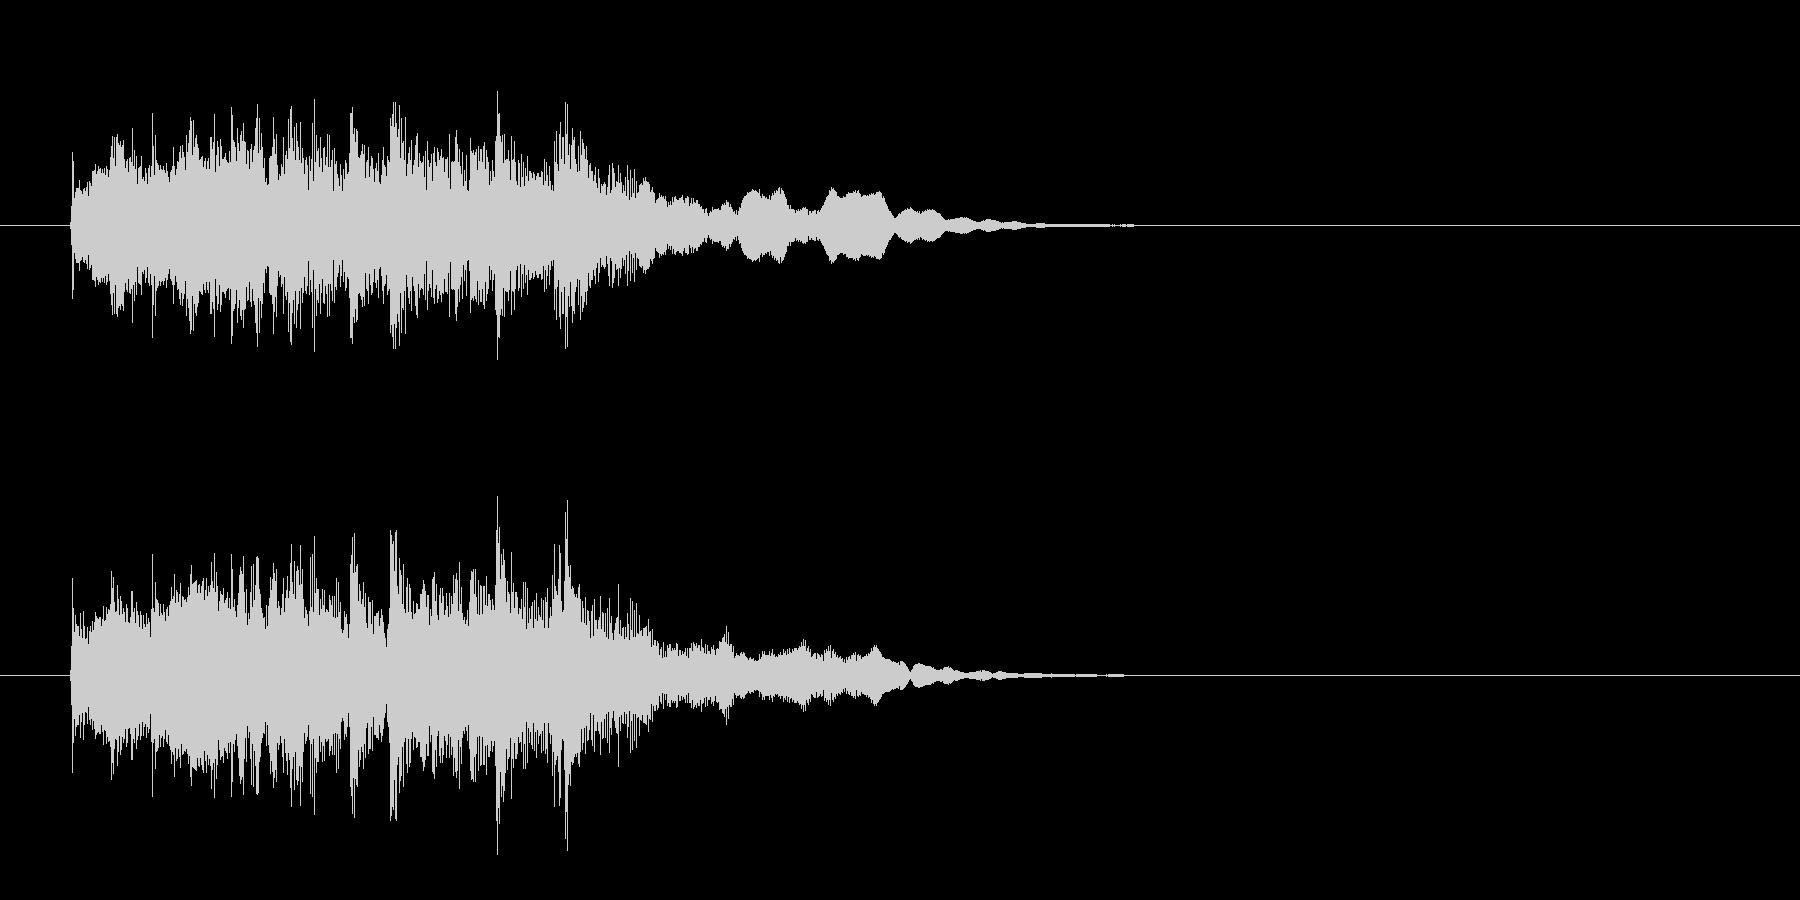 アコースティック・アルペジオのジングルの未再生の波形